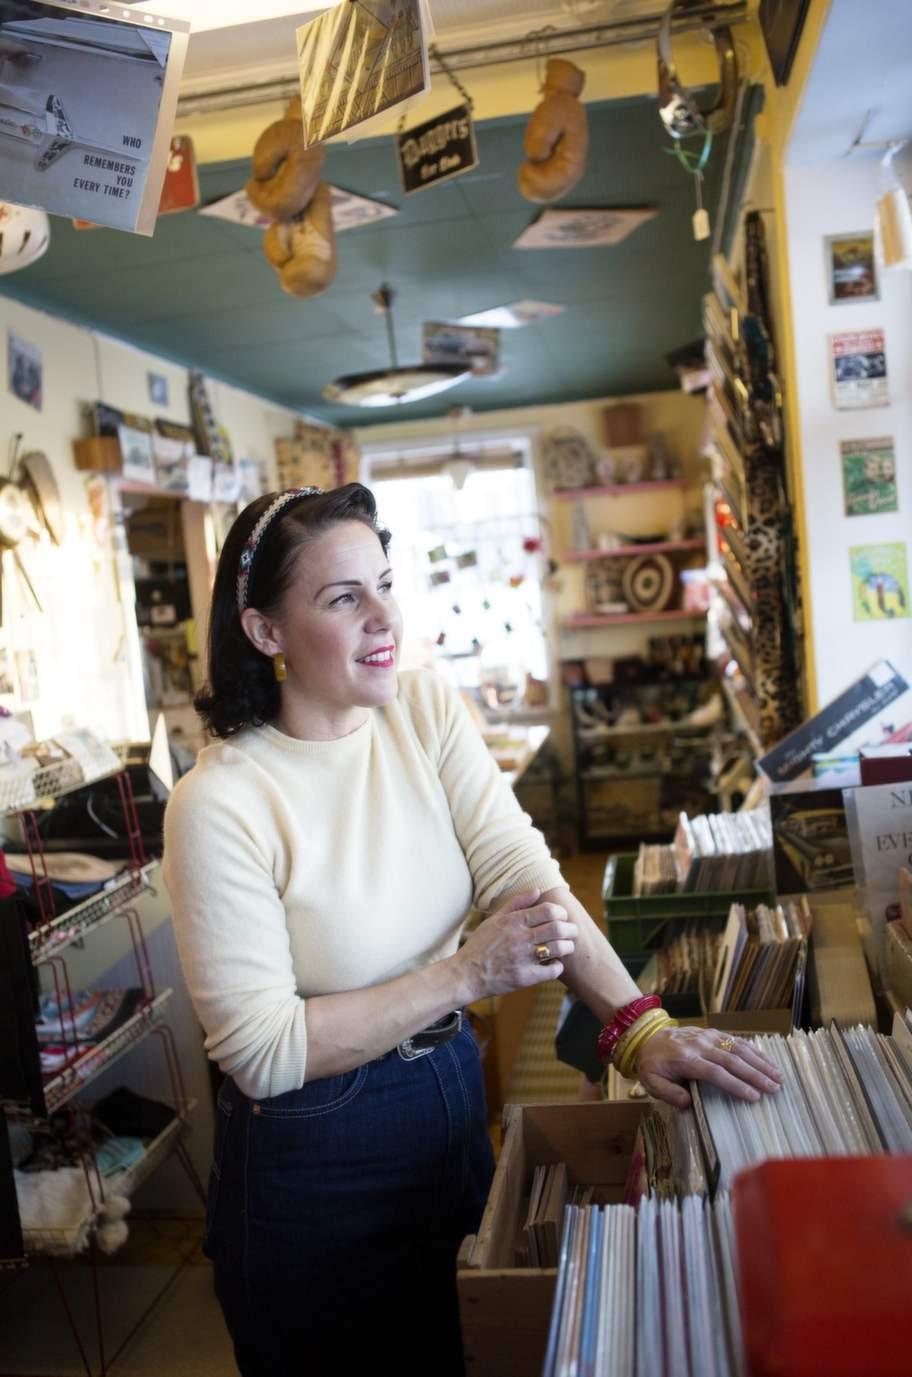 Rock'n''roll. Det var musiken som väckte Carolines intresse för 50-talet. Både hon och Angelo samlar på vinylskivor.